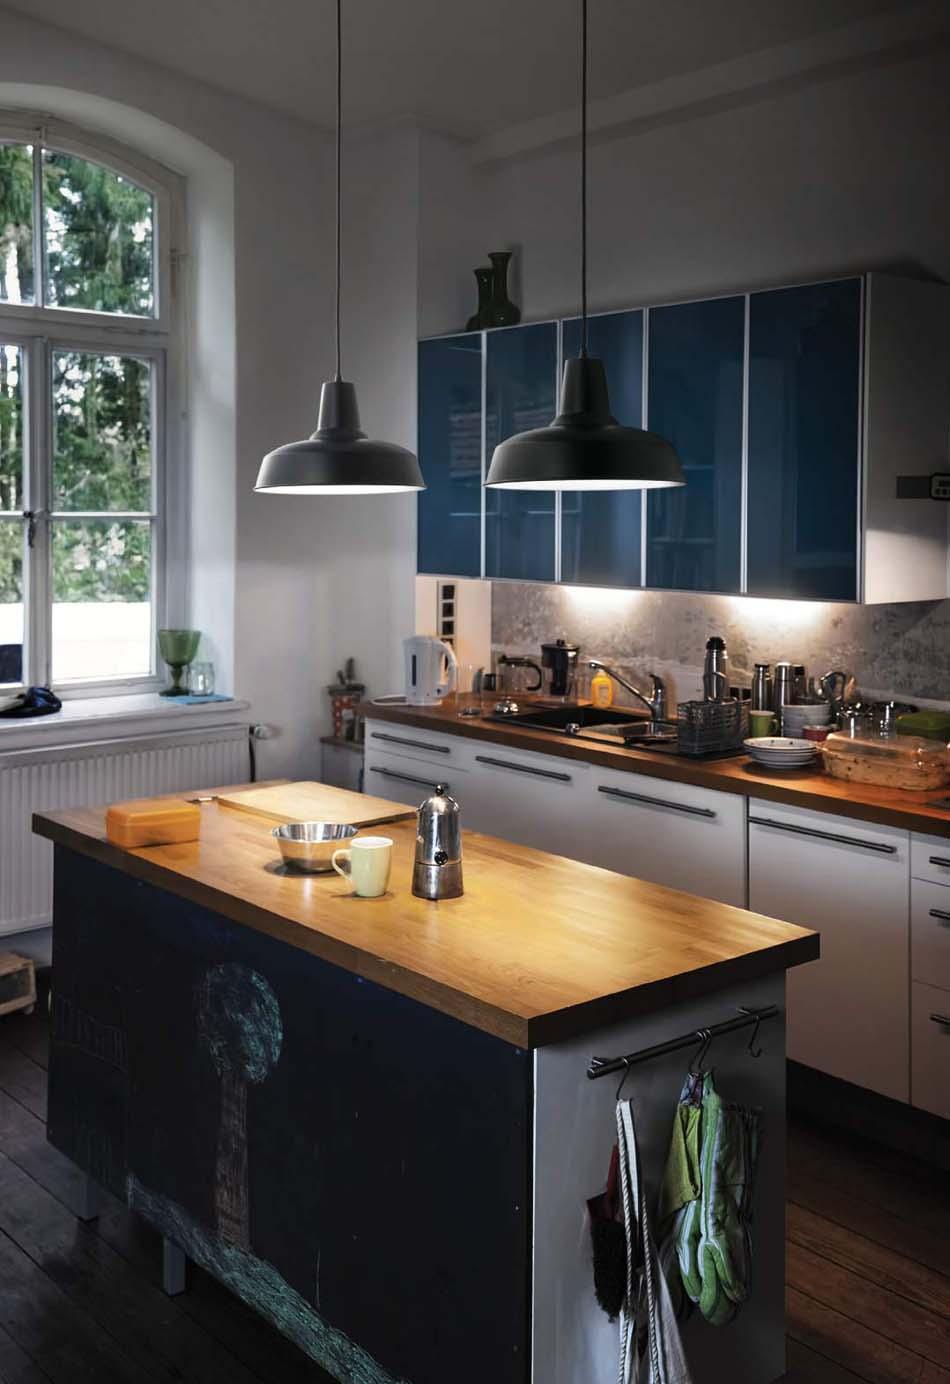 Lampade sospese Ideal Lux Moby – Toscana Arredamenti